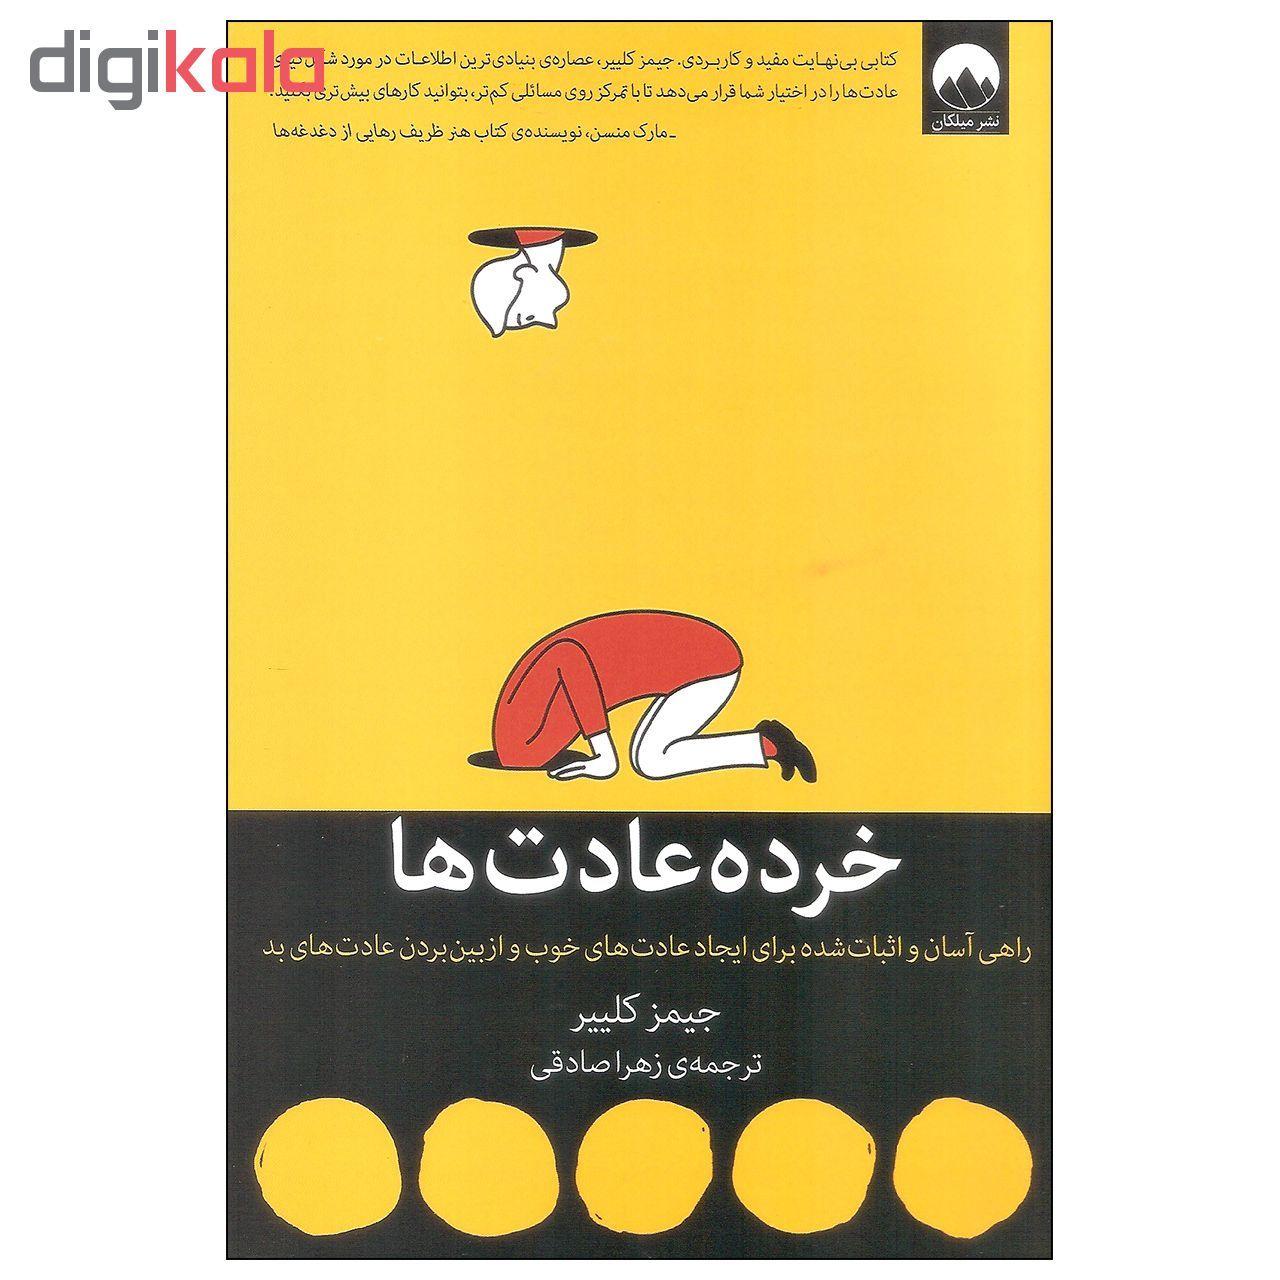 کتاب خرده عادت ها اثر جیمز کلییر نشر میلکان main 1 1